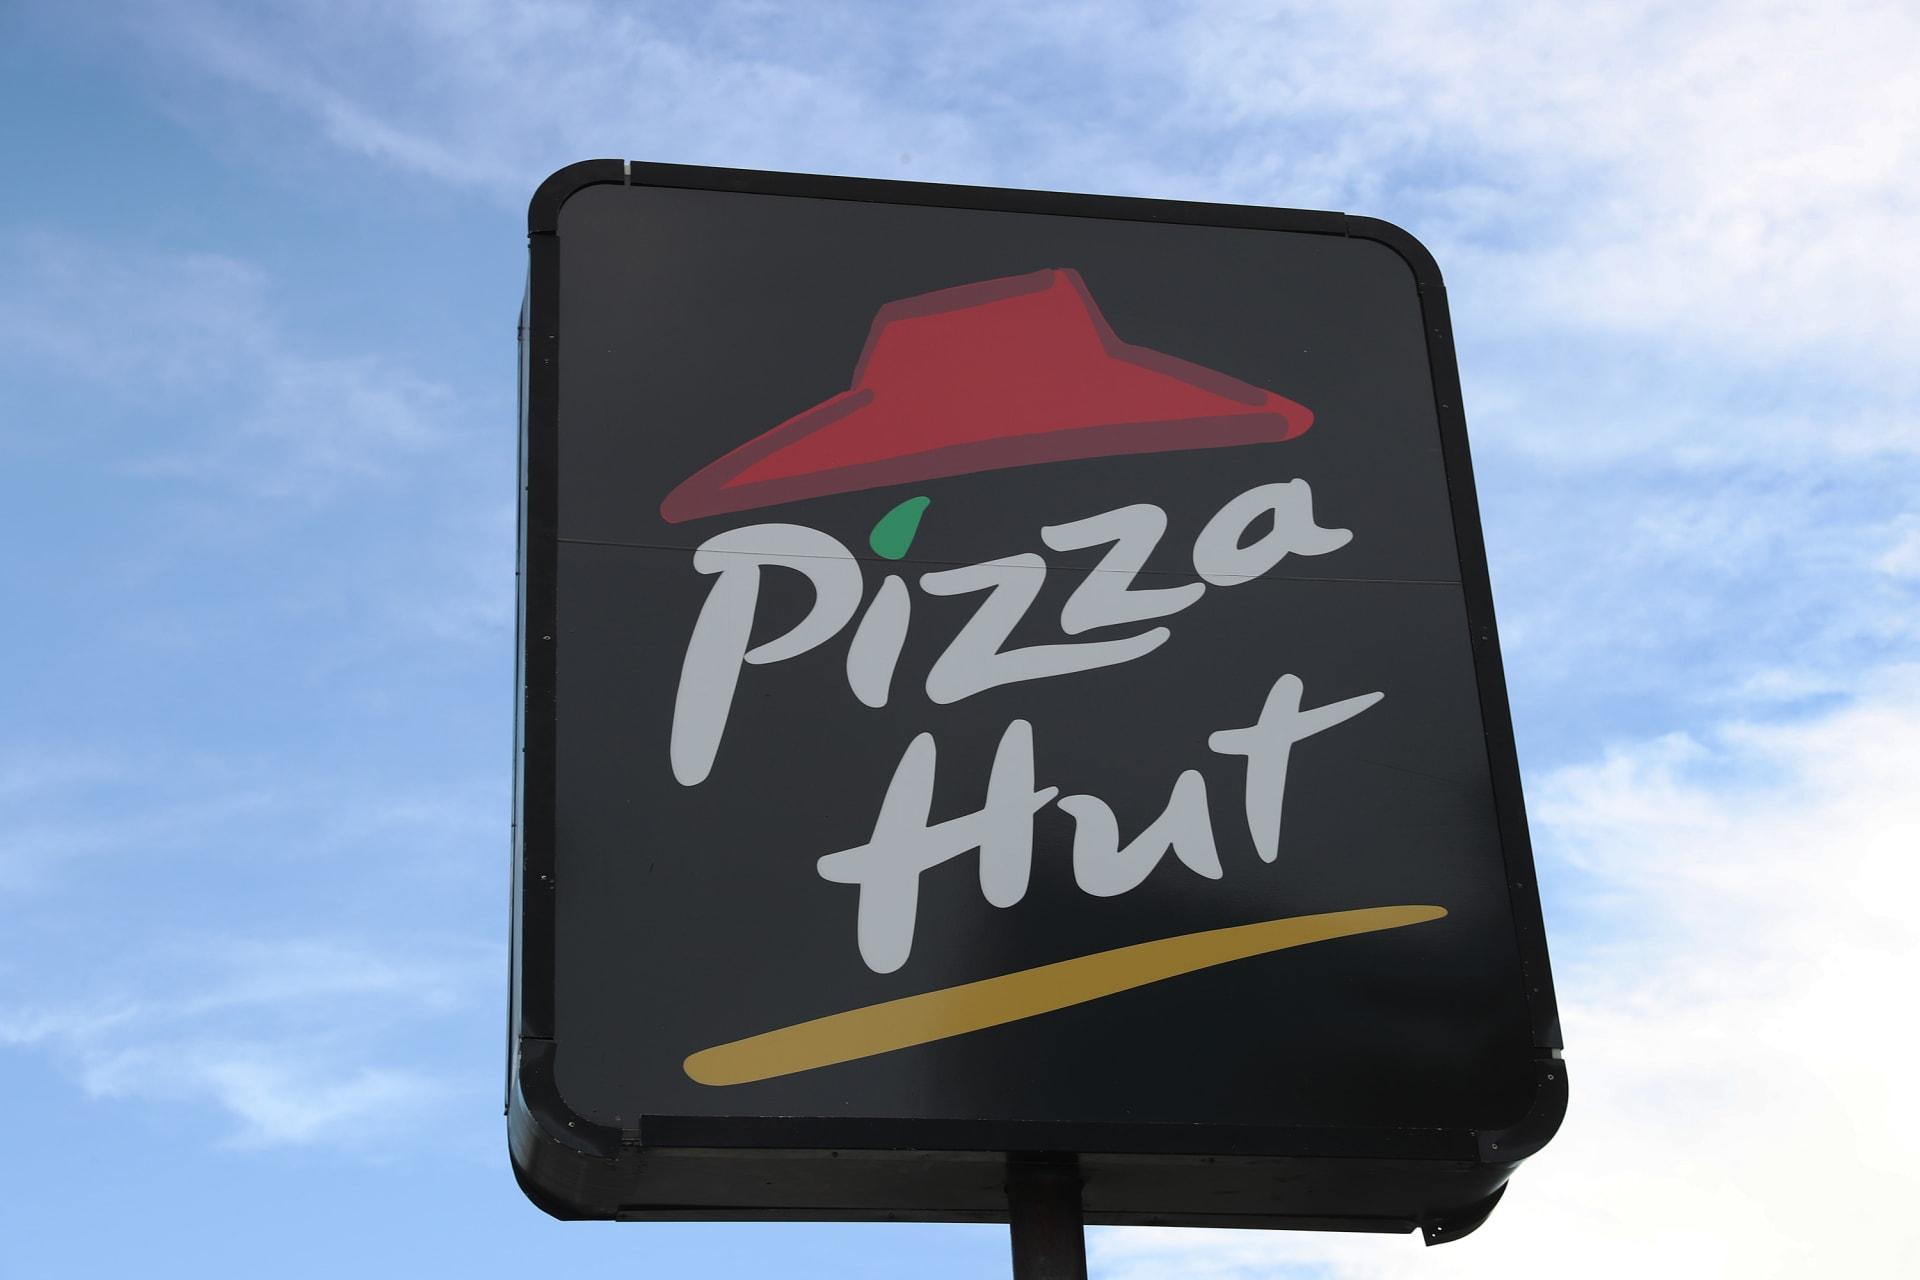 إغلاق نحو 300 فرع لبيتزا هت بشكل دائم